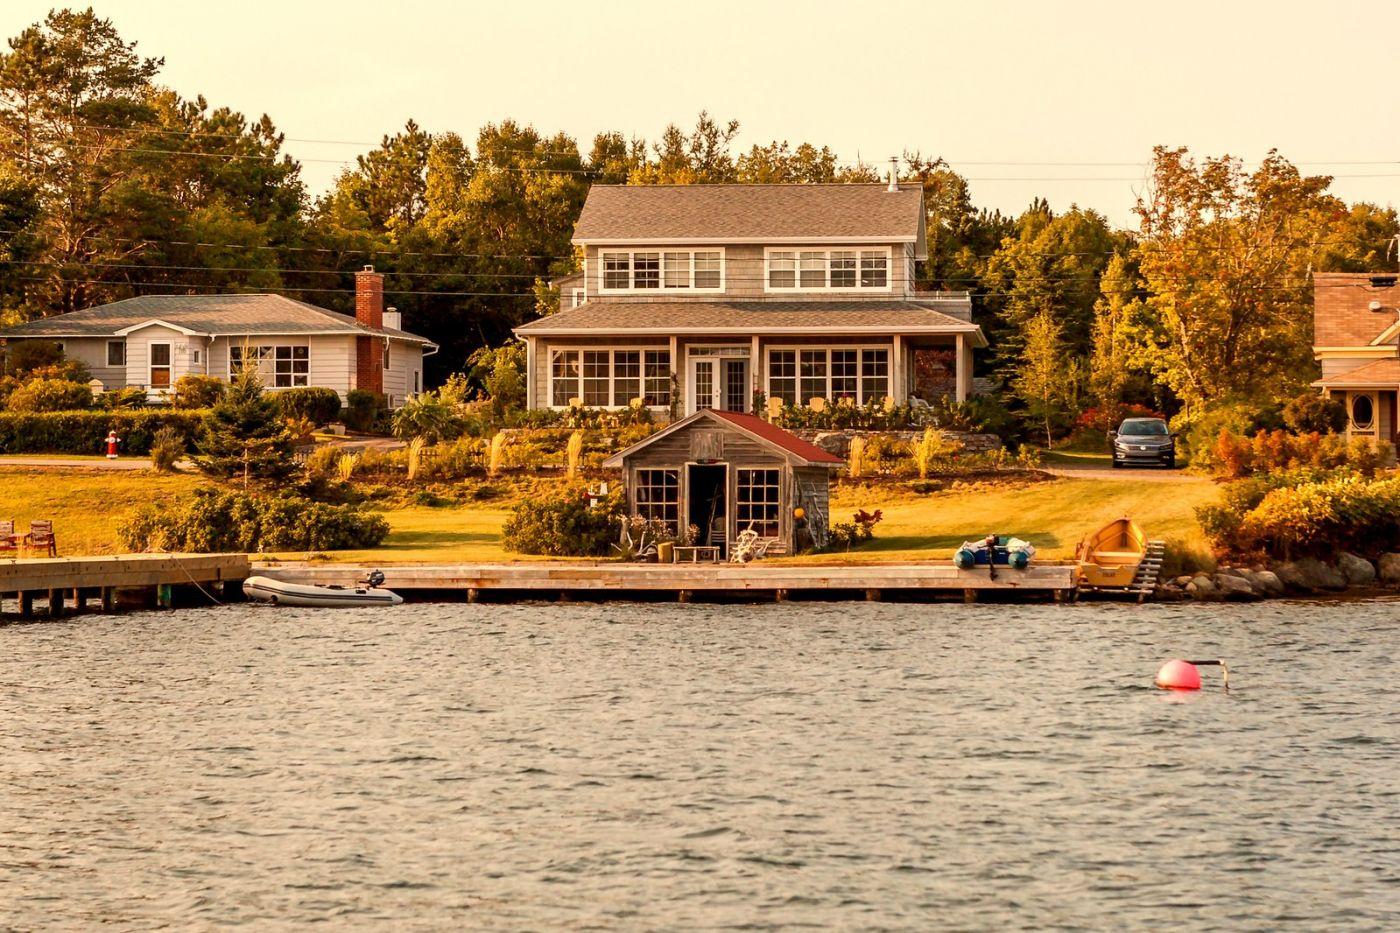 加拿大Nova Scotia, 帆船灯塔老鹰_图1-28